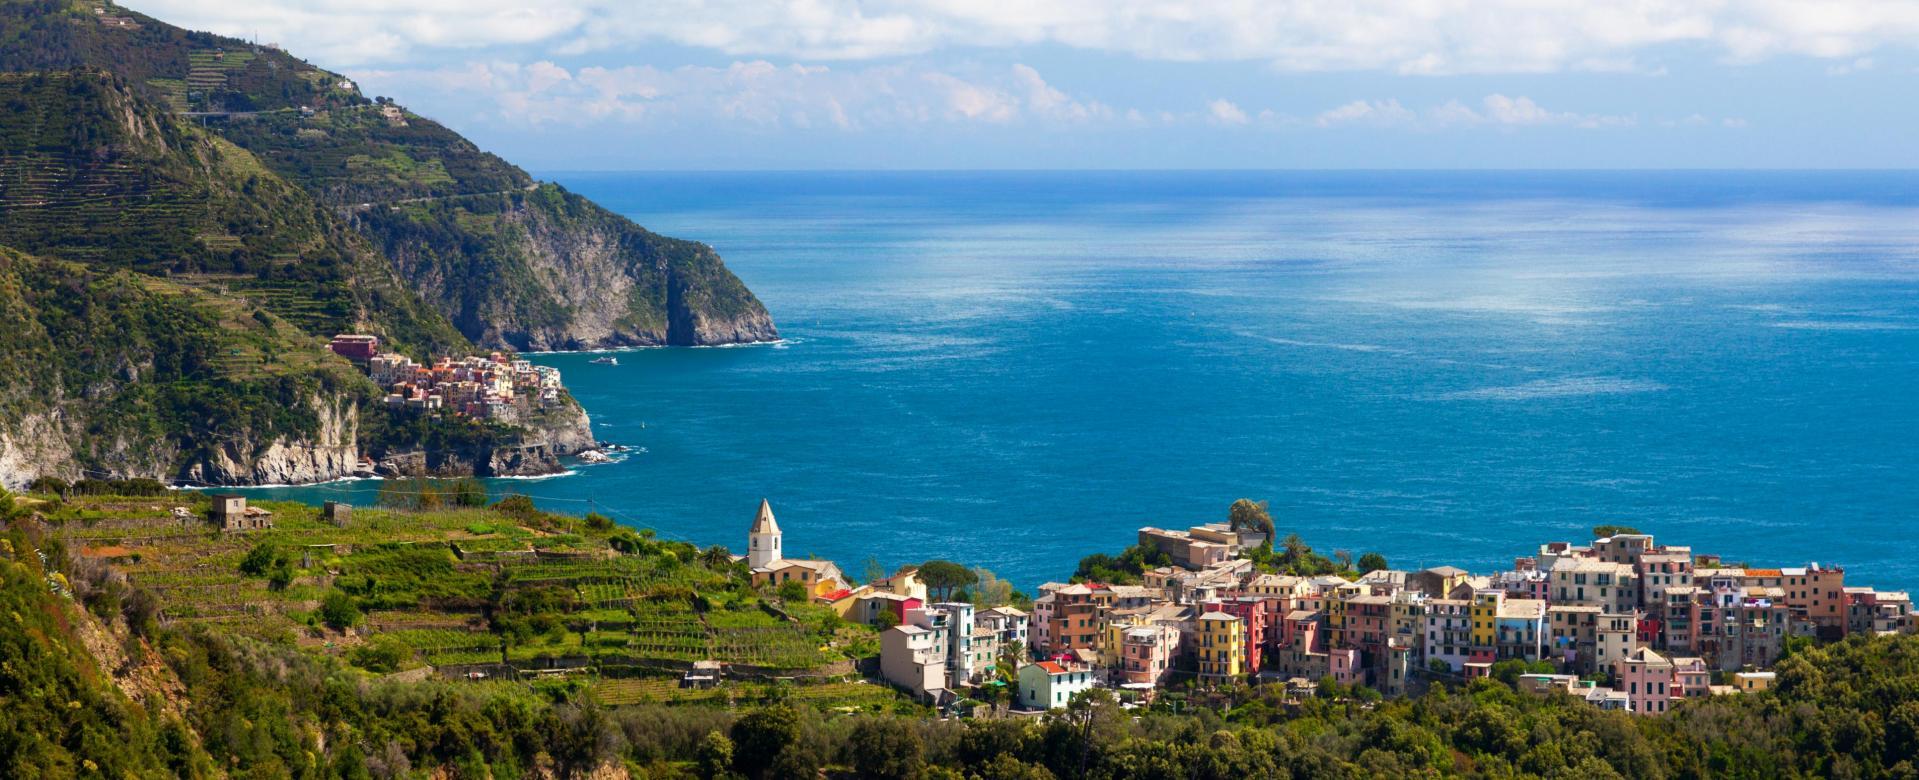 Voyage à pied Italie : Les cinque terre par les crêtes